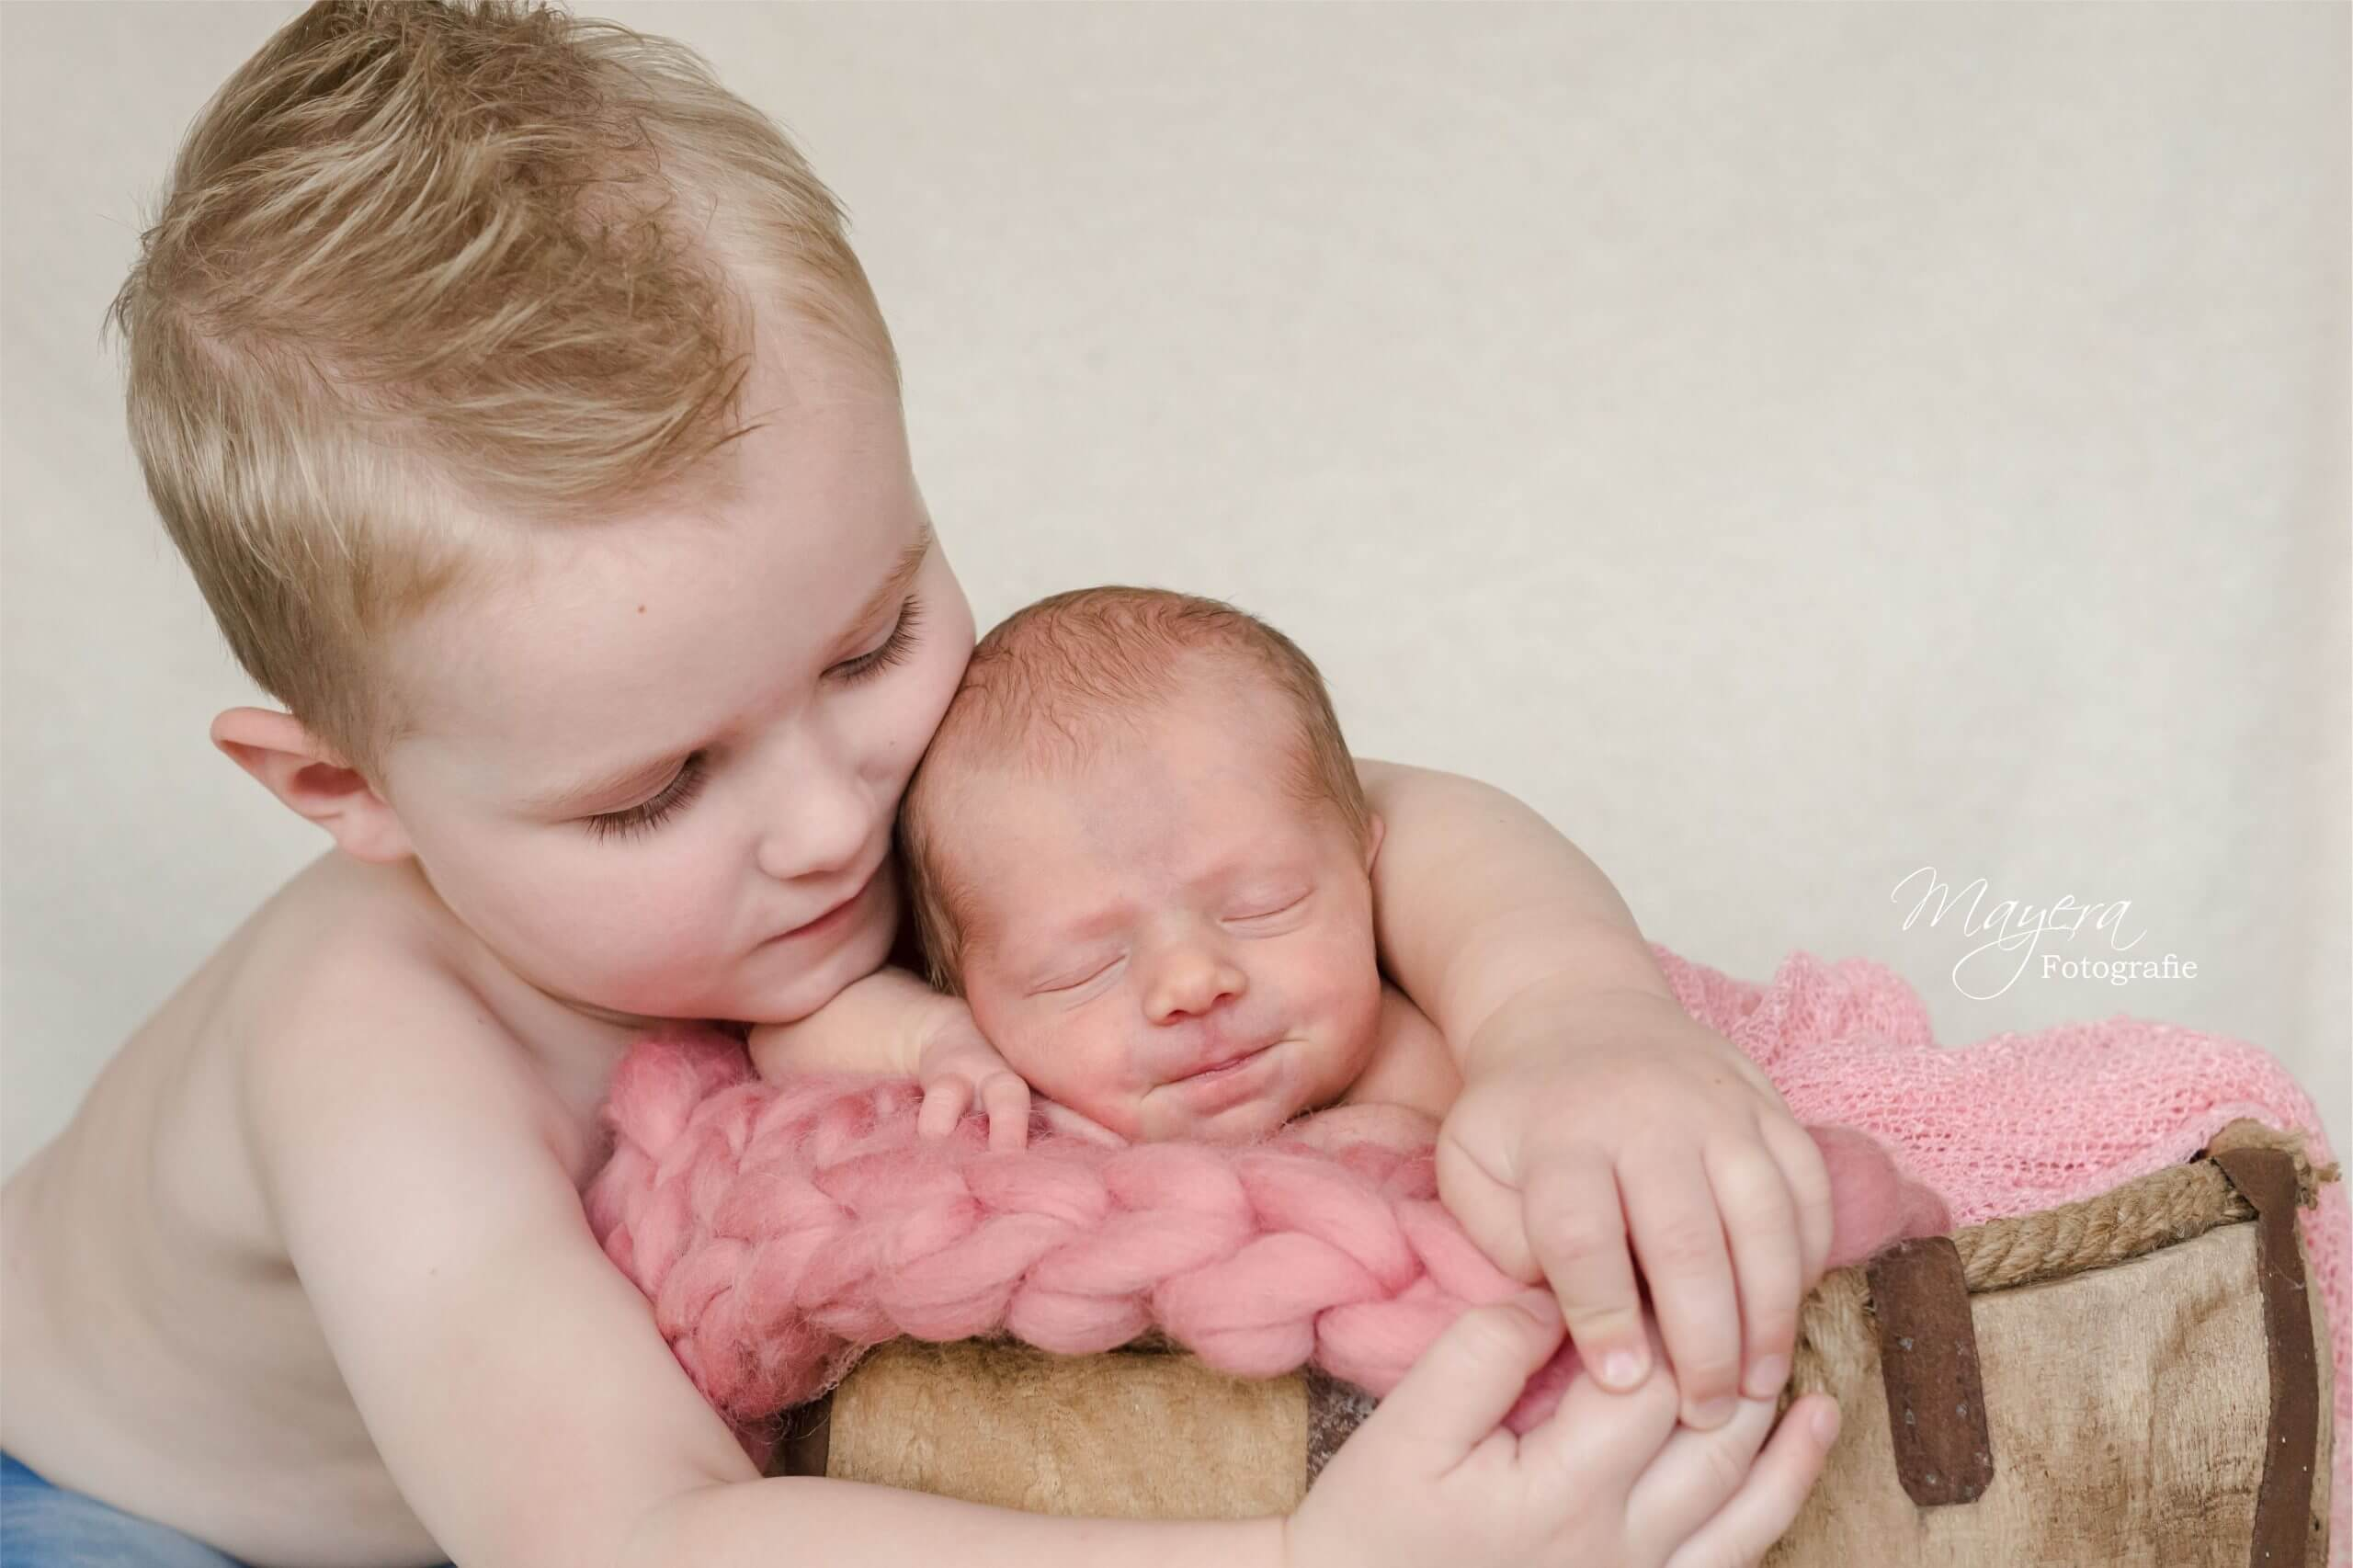 Newborn-grote-broer-baby-Soest-scaled